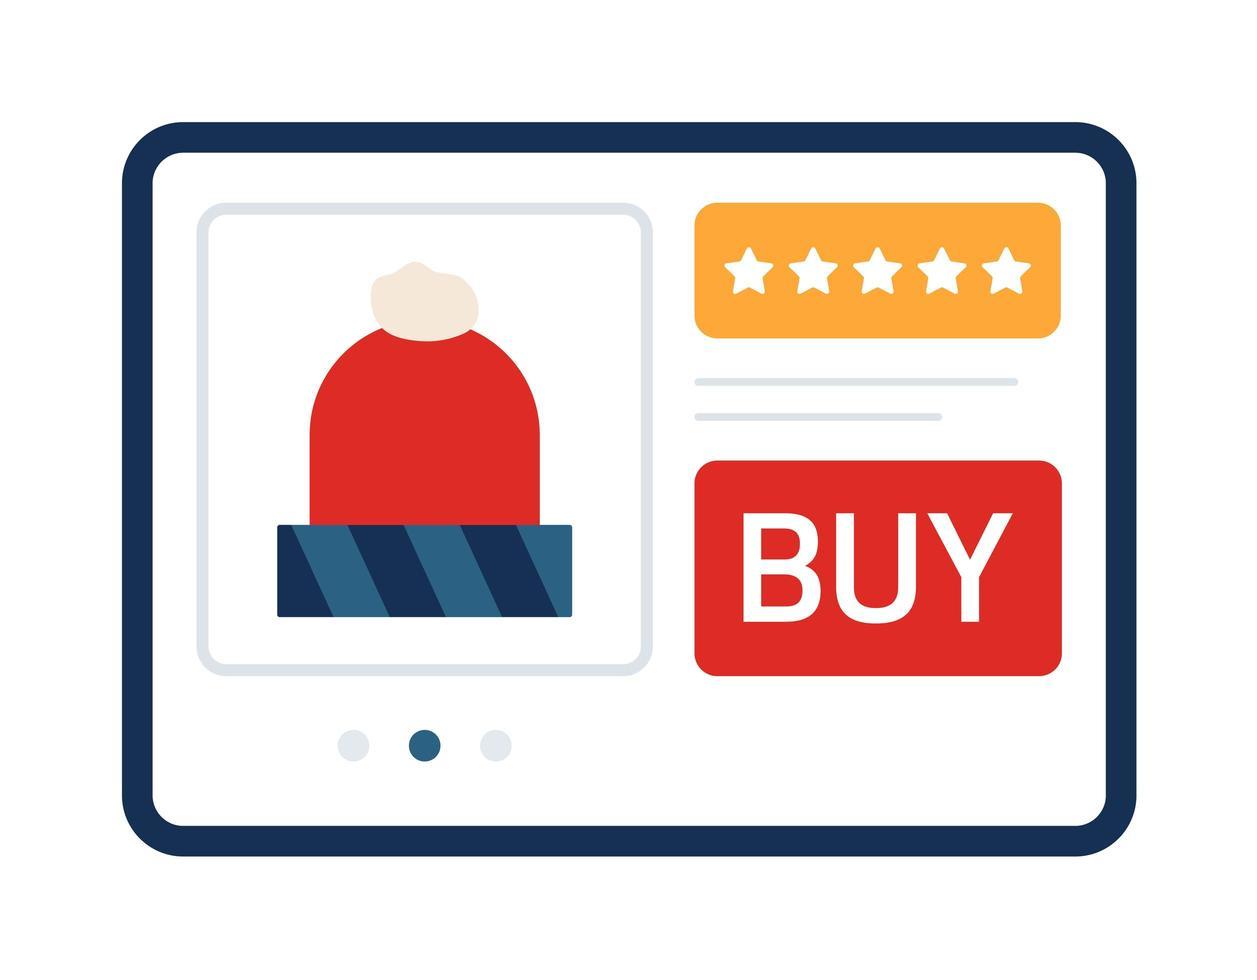 Christmas online shopping concept on tablet. New normal online shopping at Christmas time during coronavirus vector